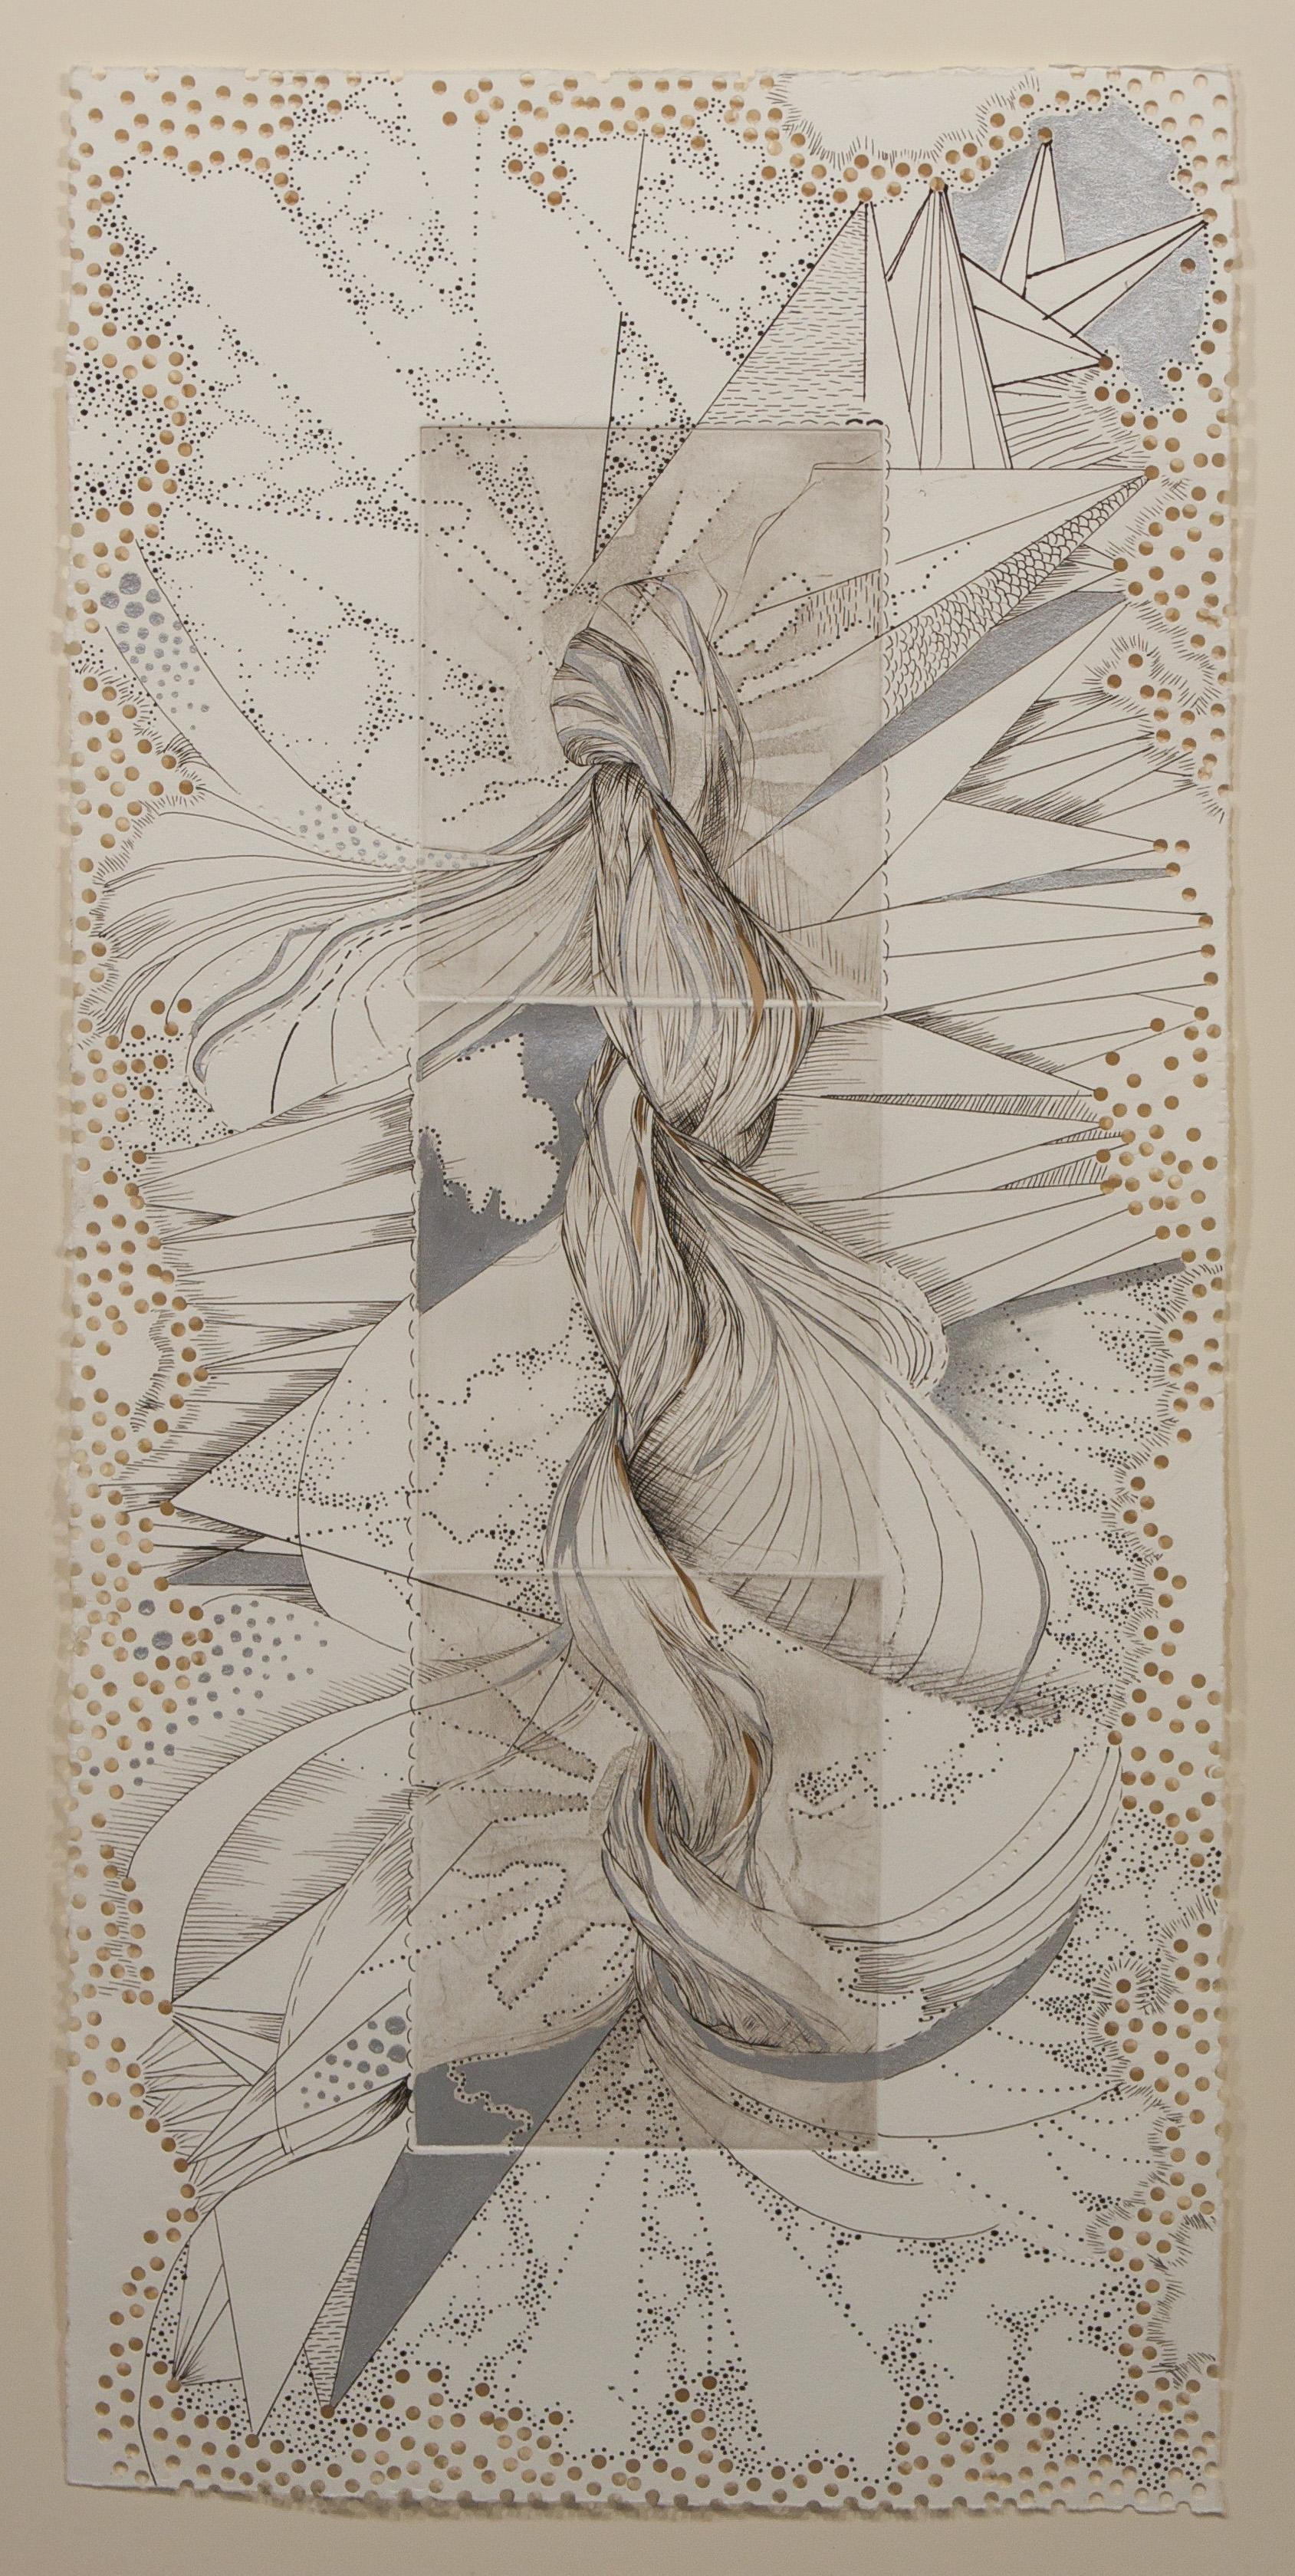 CatherineReinhart_engraving_drawing_oldprintsnewlife